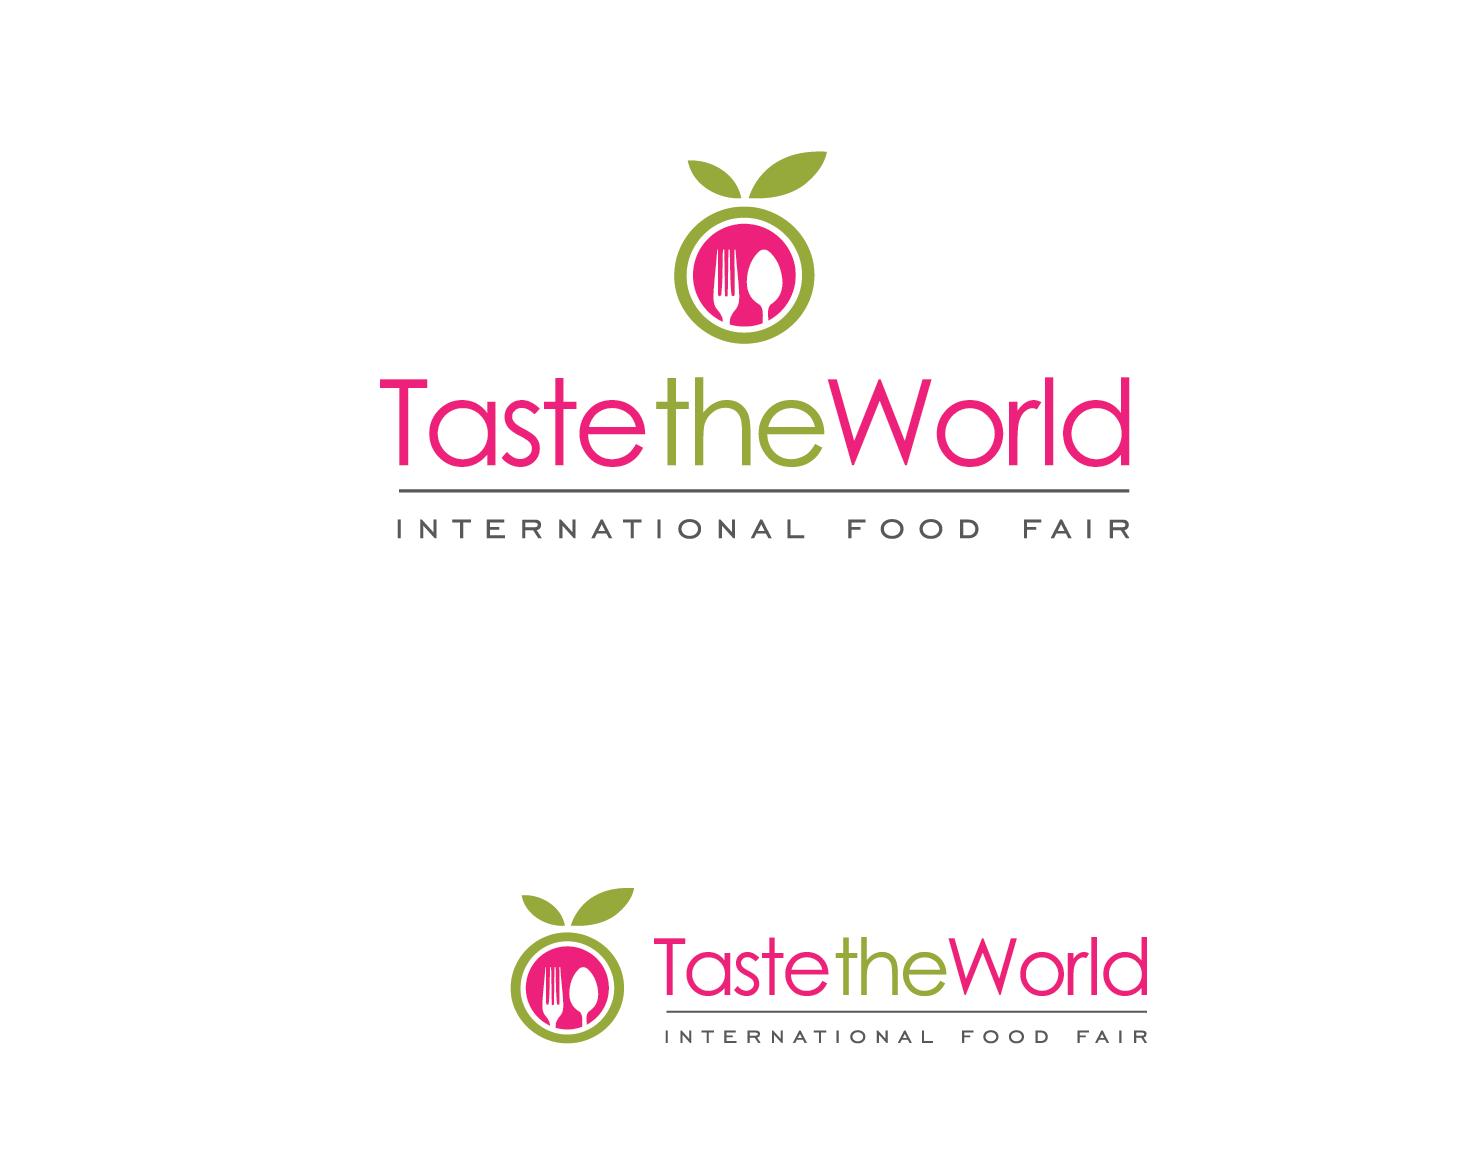 Taste the World Logo | 21 Logo Designs for Taste the World